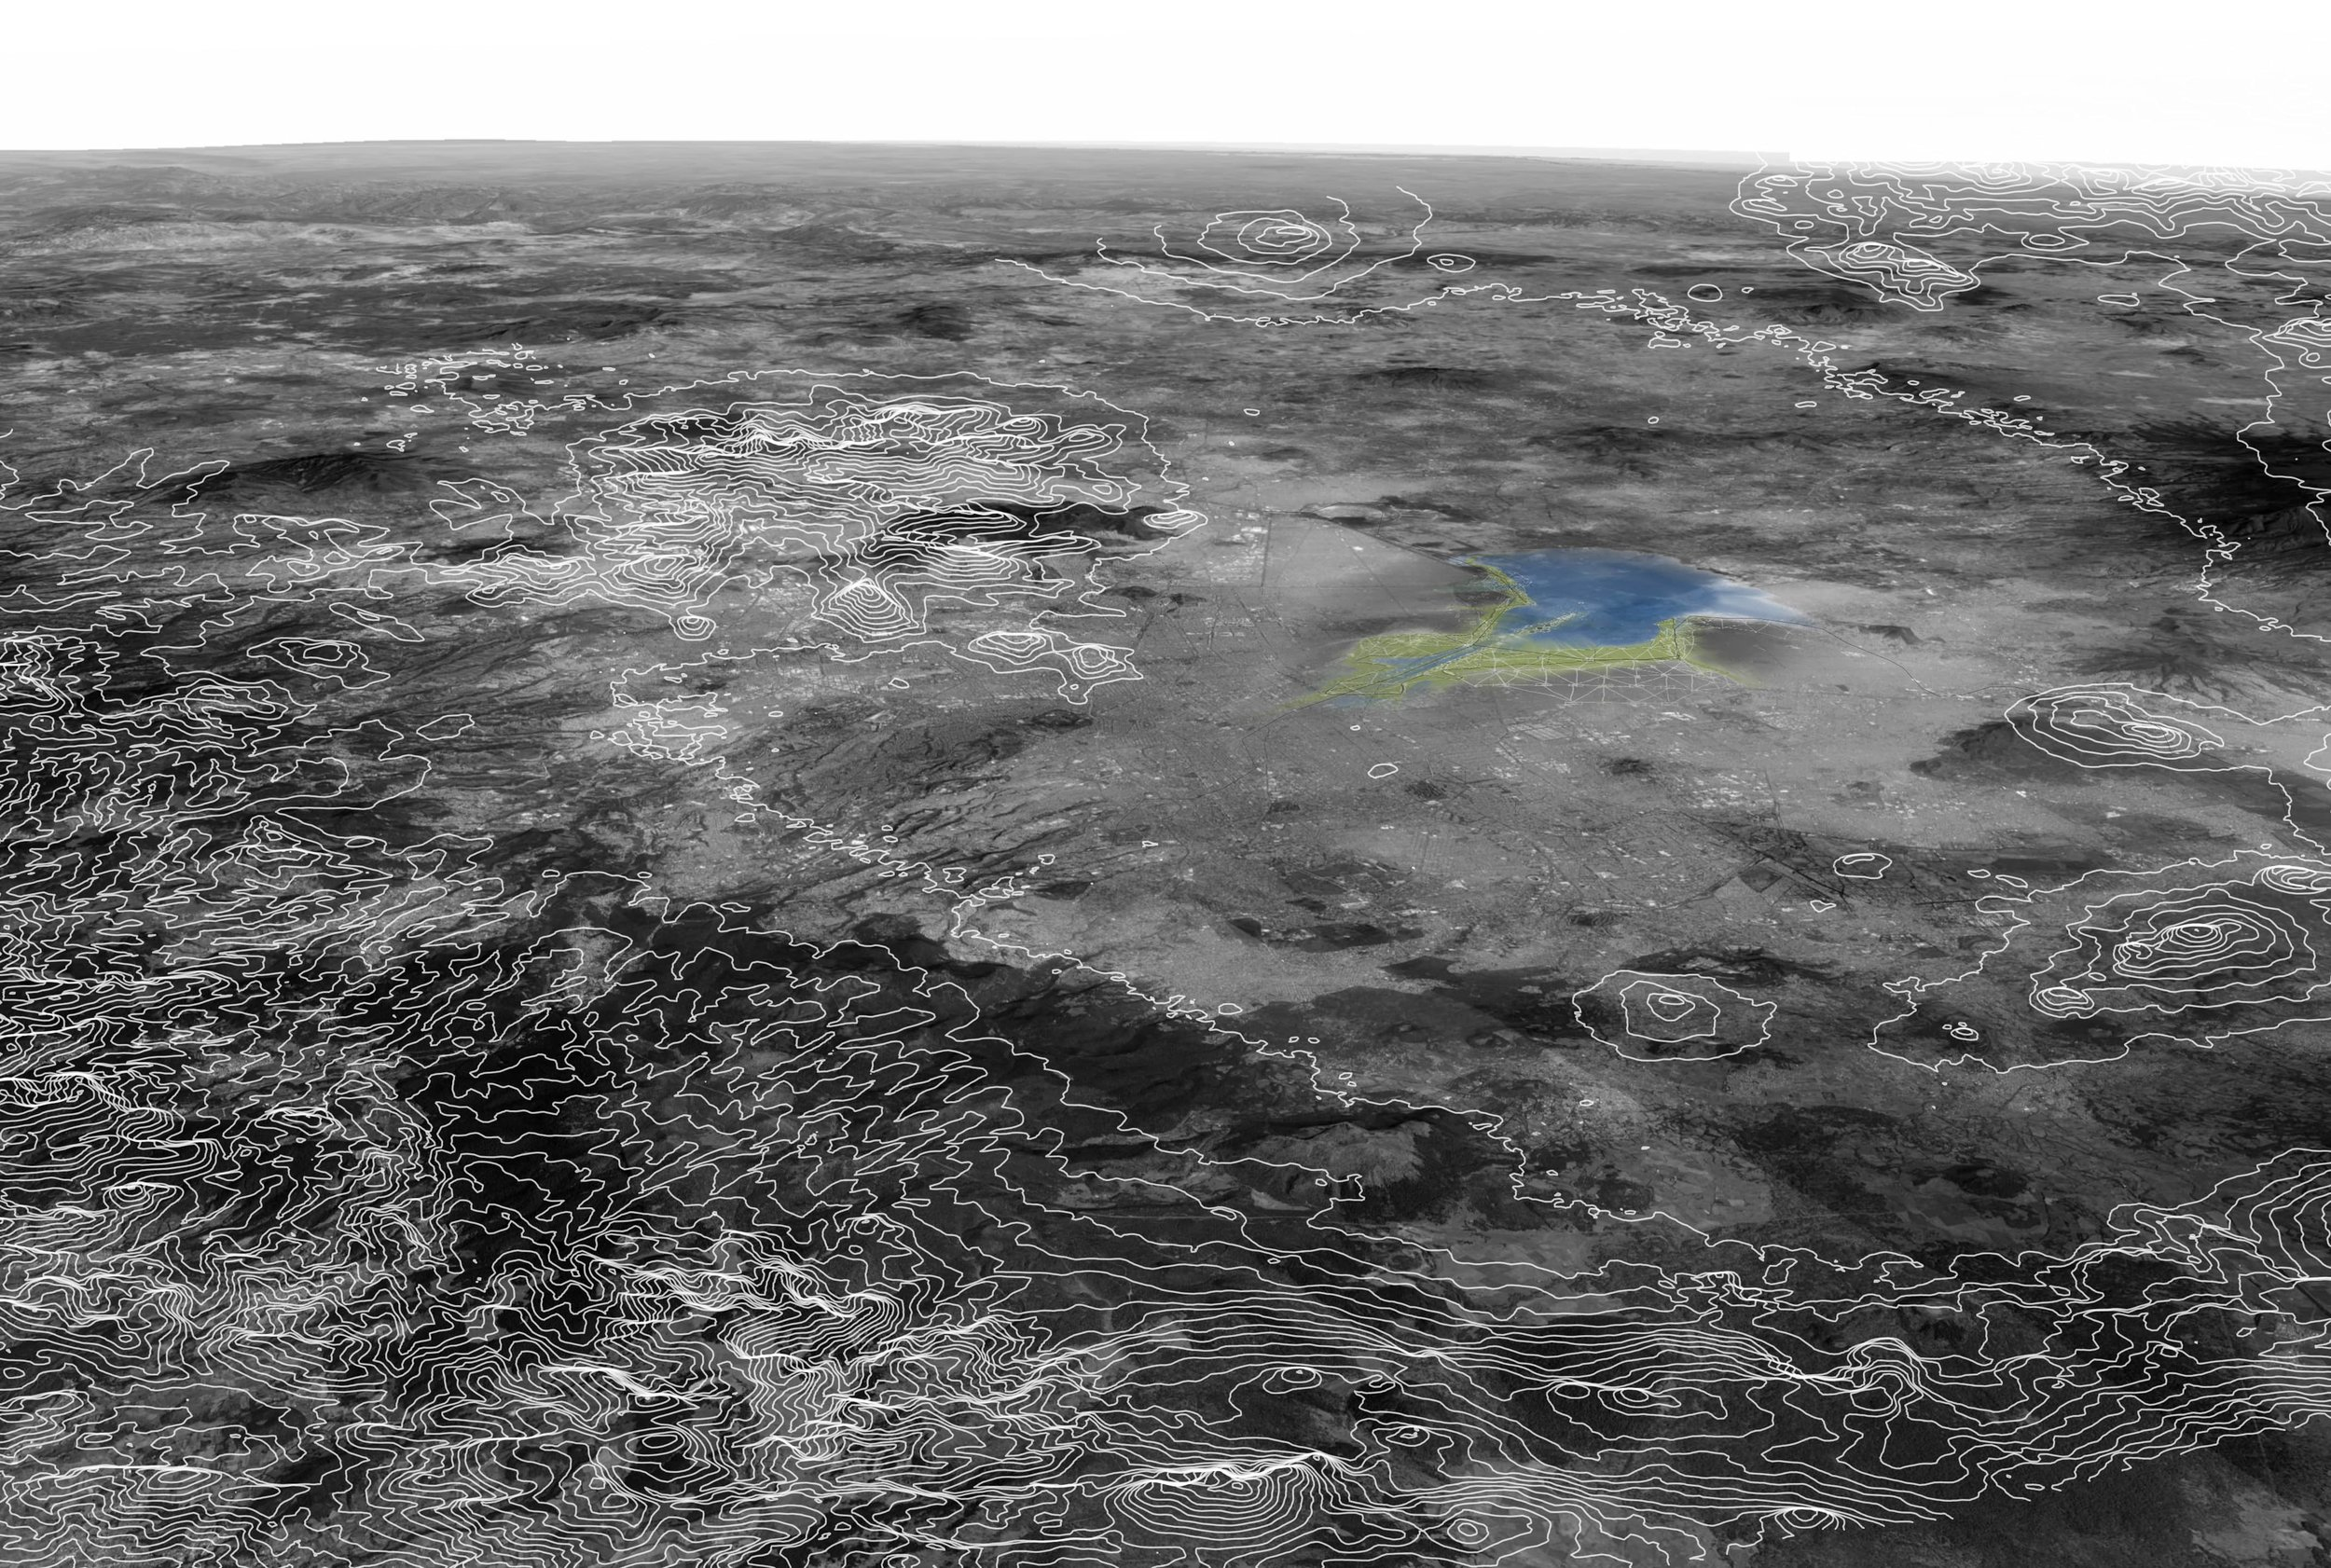 2-basin-of-mexico-min.jpg